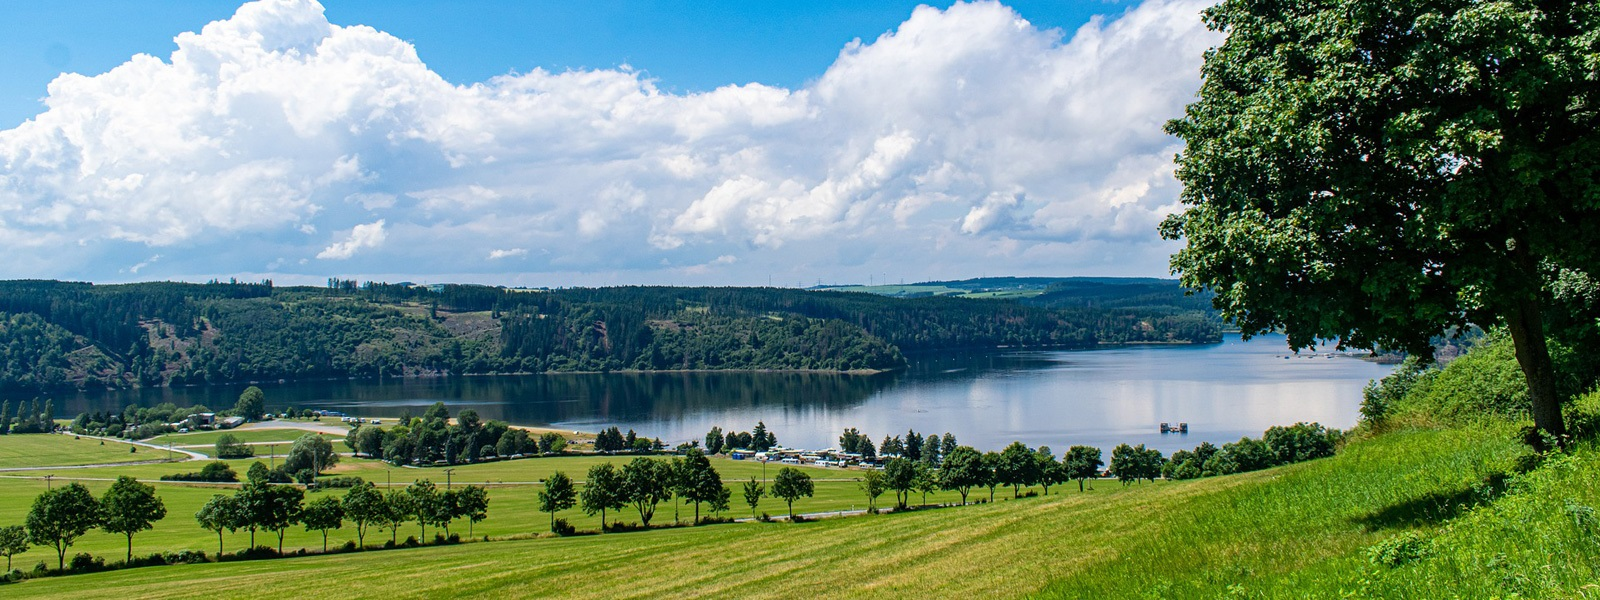 Freizeit & Umgebung Thüringen Vogtland